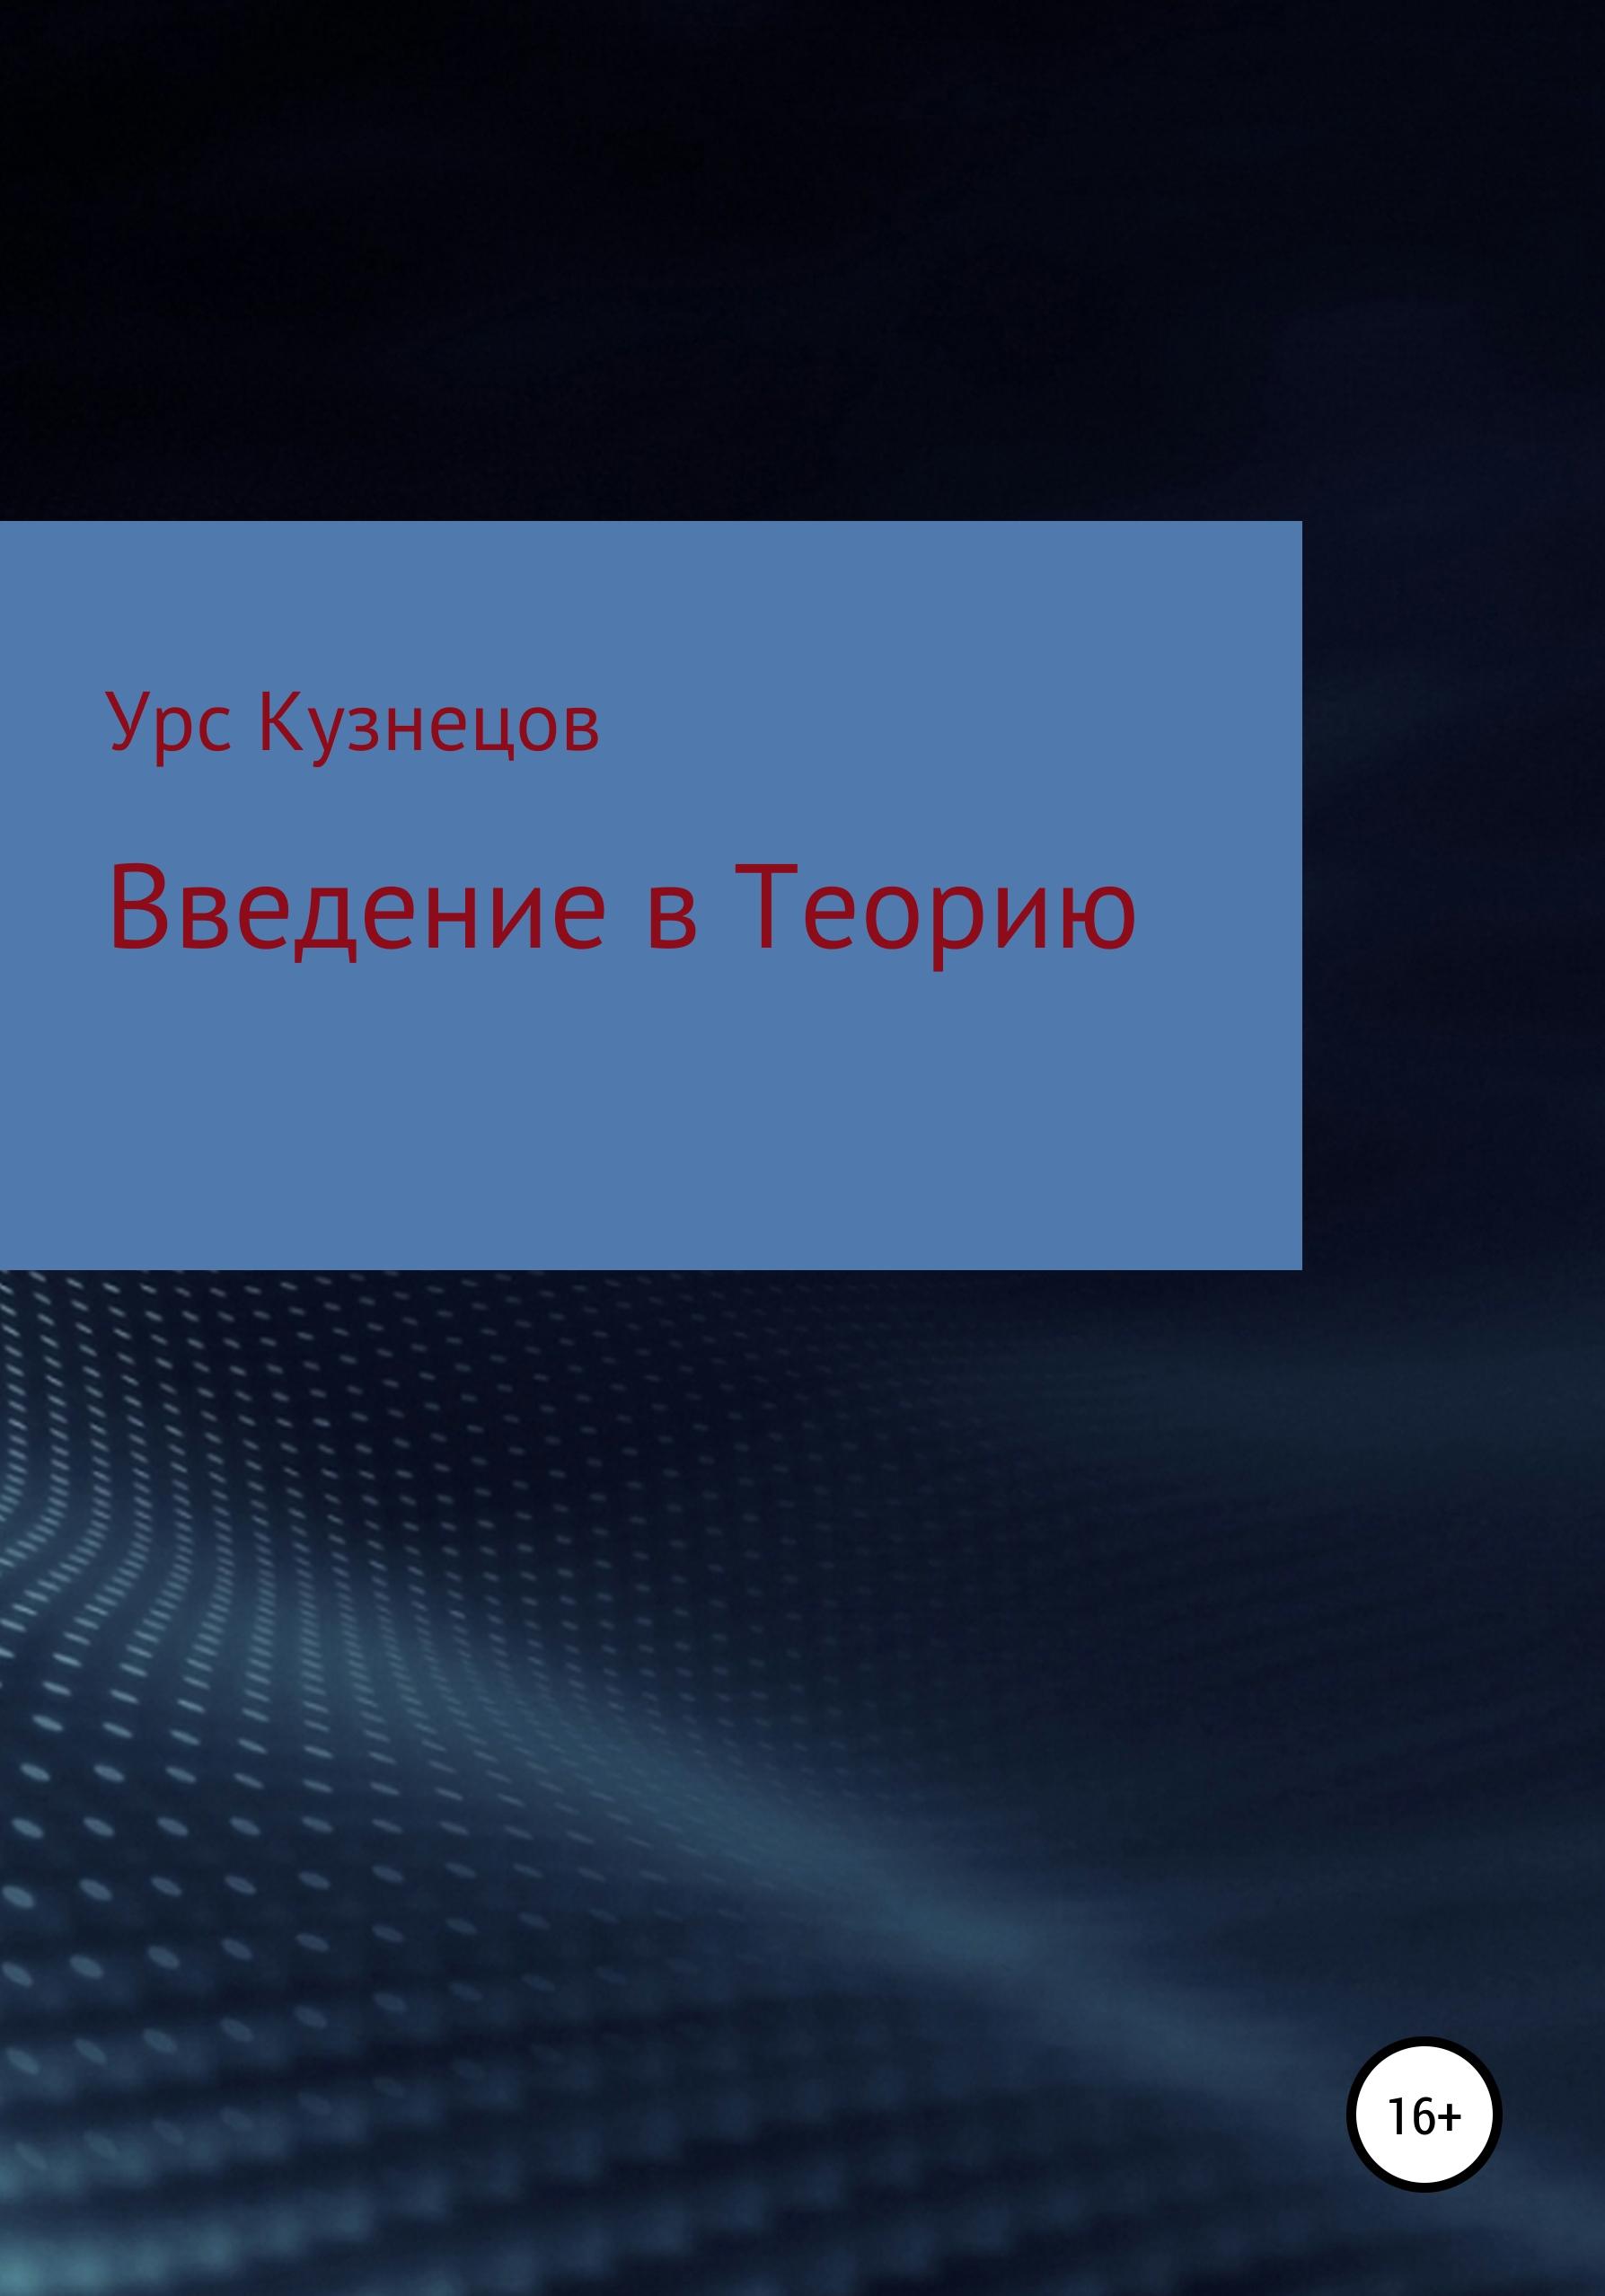 Урс Кузнецов - Введение в Теорию